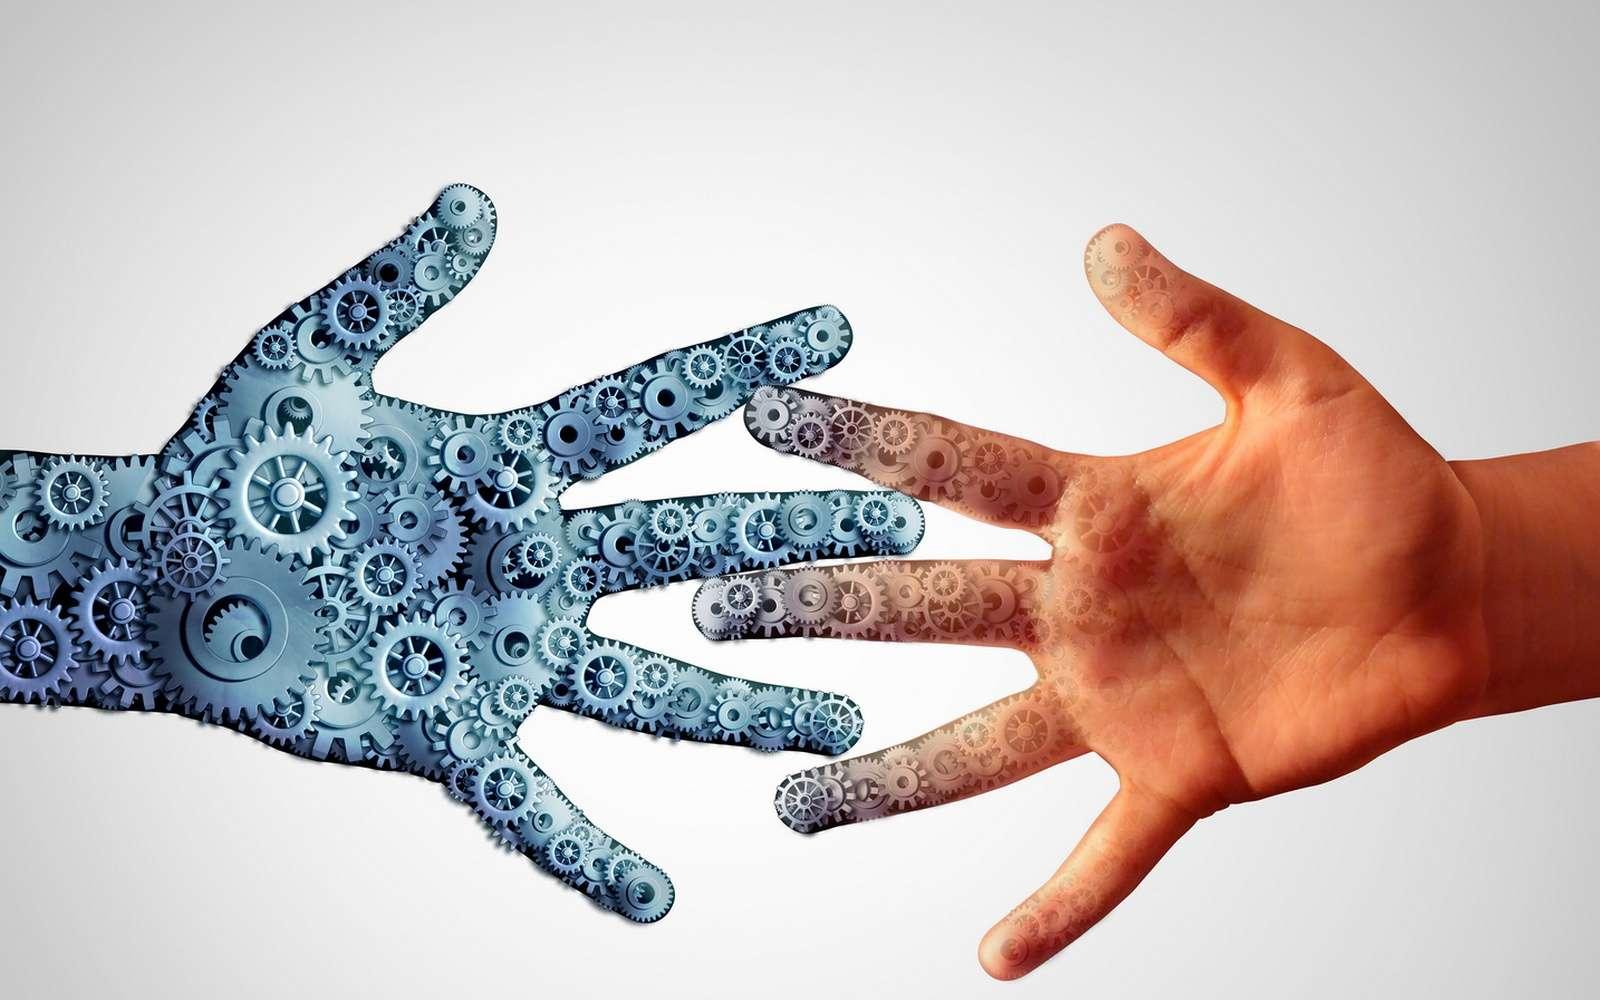 Le professeur Zhenan Bao de l'université de Stanford est en pointe dans le développement d'une peau artificielle sensible au toucher. © Freshidea, Fotolia